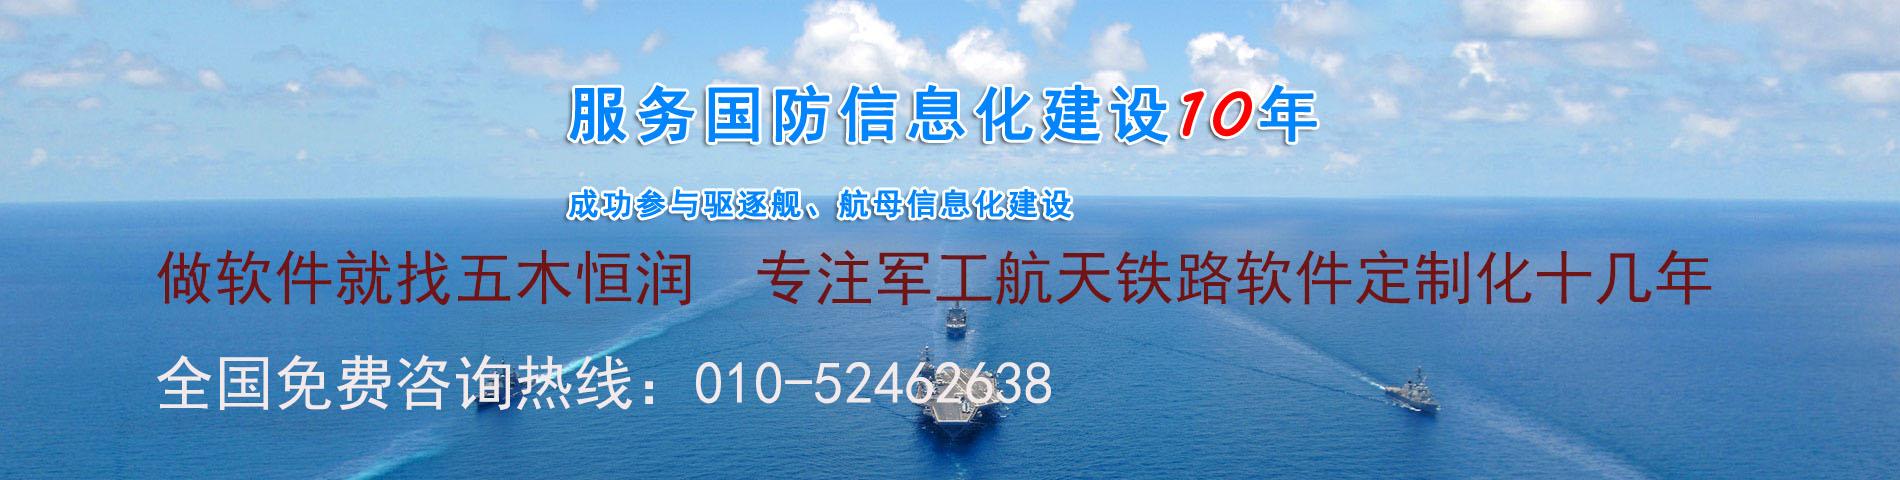 3G单兵作战系统解决方案-北京软件开发公司五木恒润